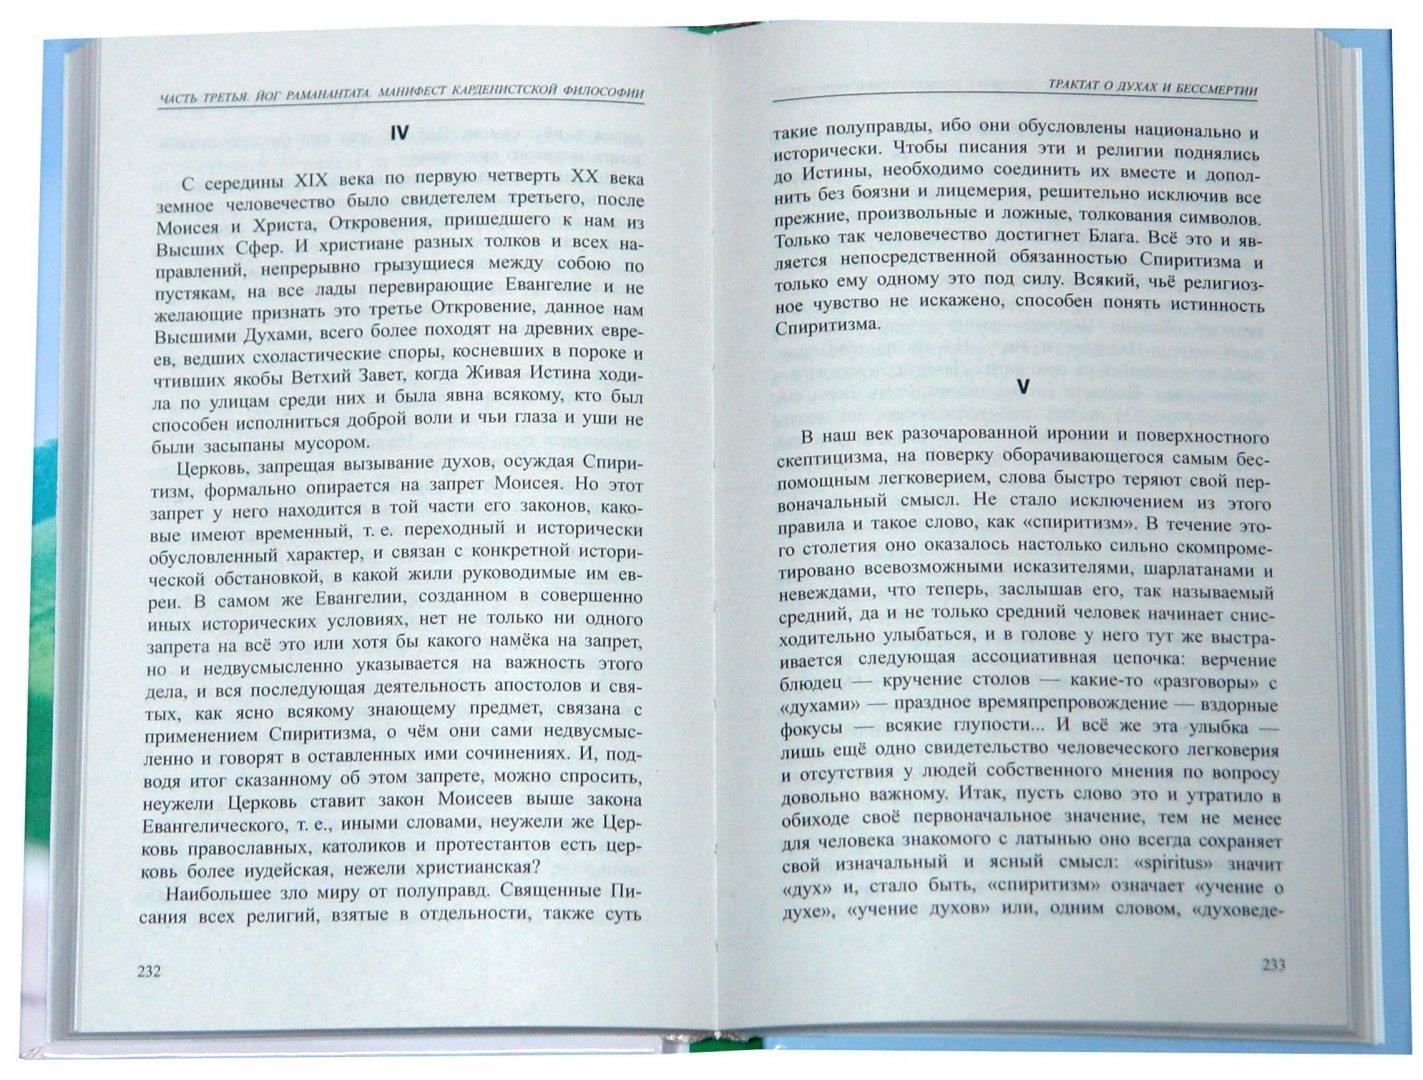 Иллюстрация 1 из 6 для Упражнения йоги для развития памяти. 2-е издание, исправленное и дополненное - Йог Раманантата | Лабиринт - книги. Источник: Лабиринт